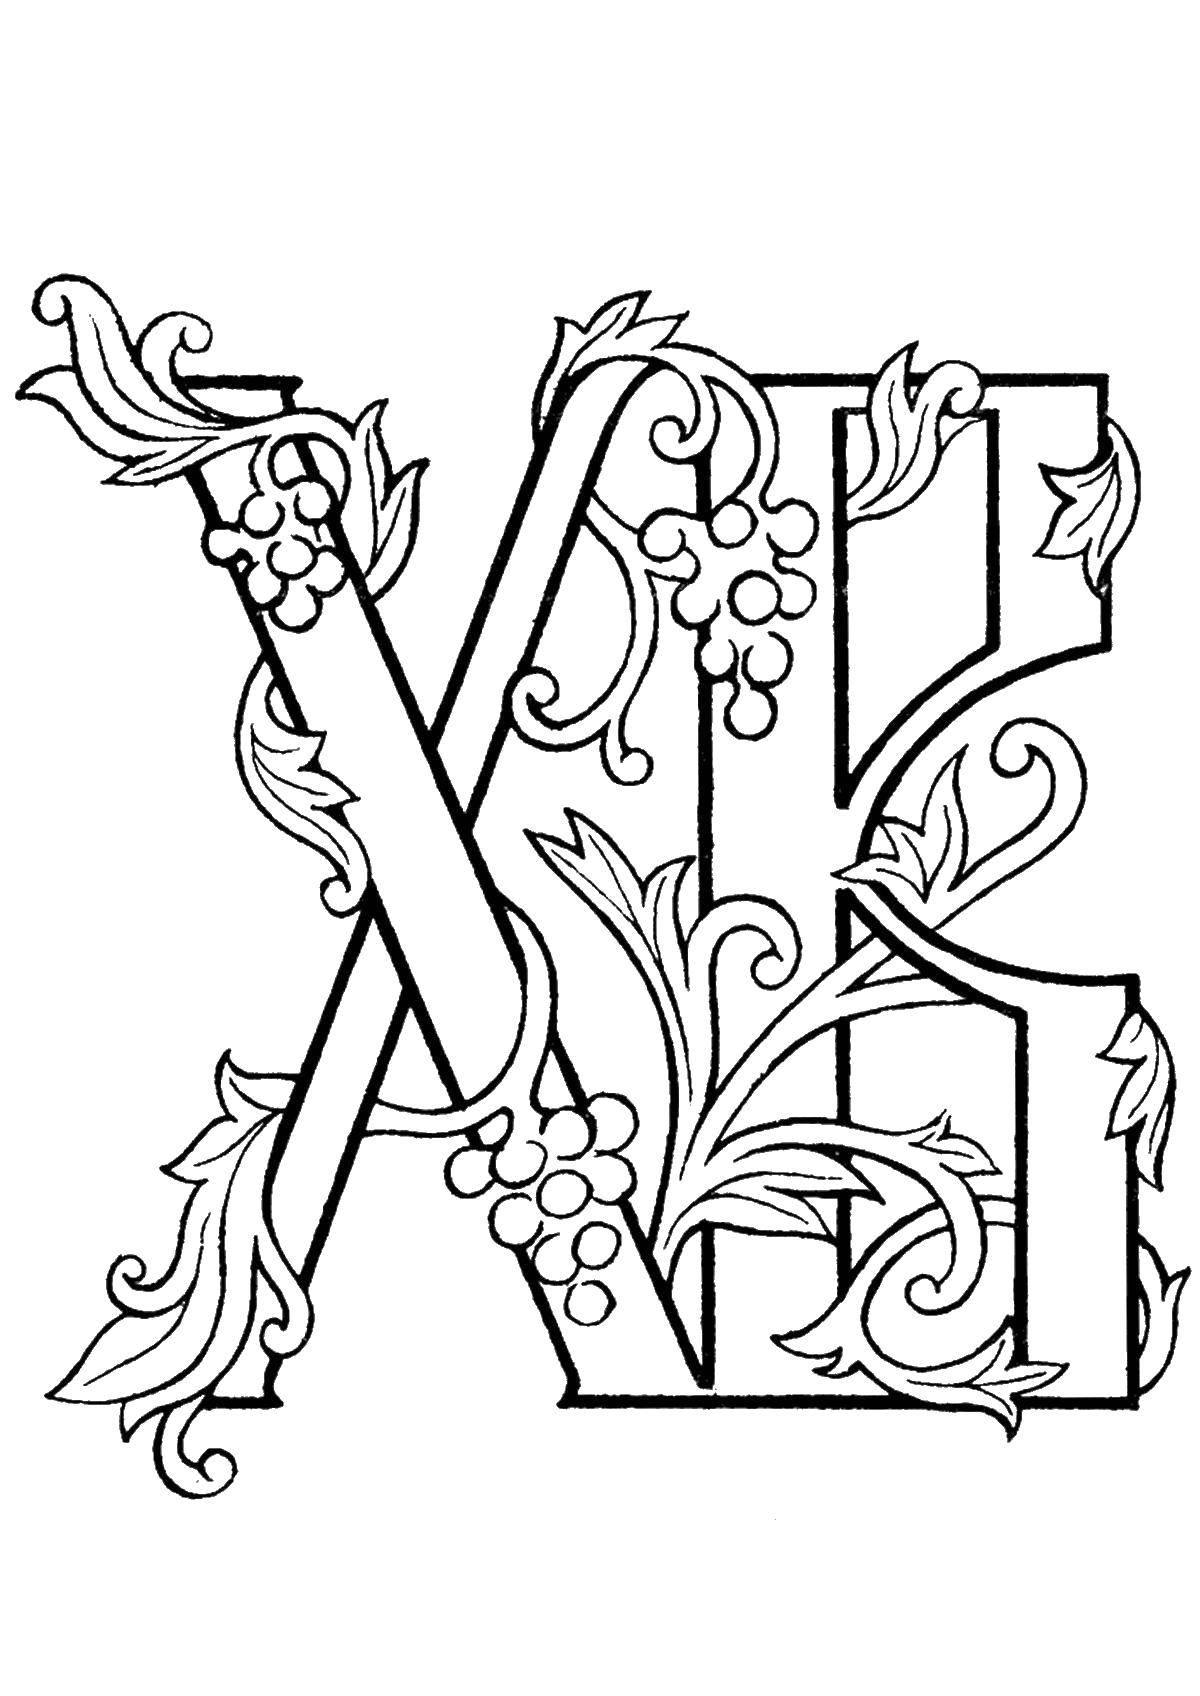 Раскраска Надпись хв Скачать пасха, яйца, кролик, ХВ.  Распечатать ,пасха,